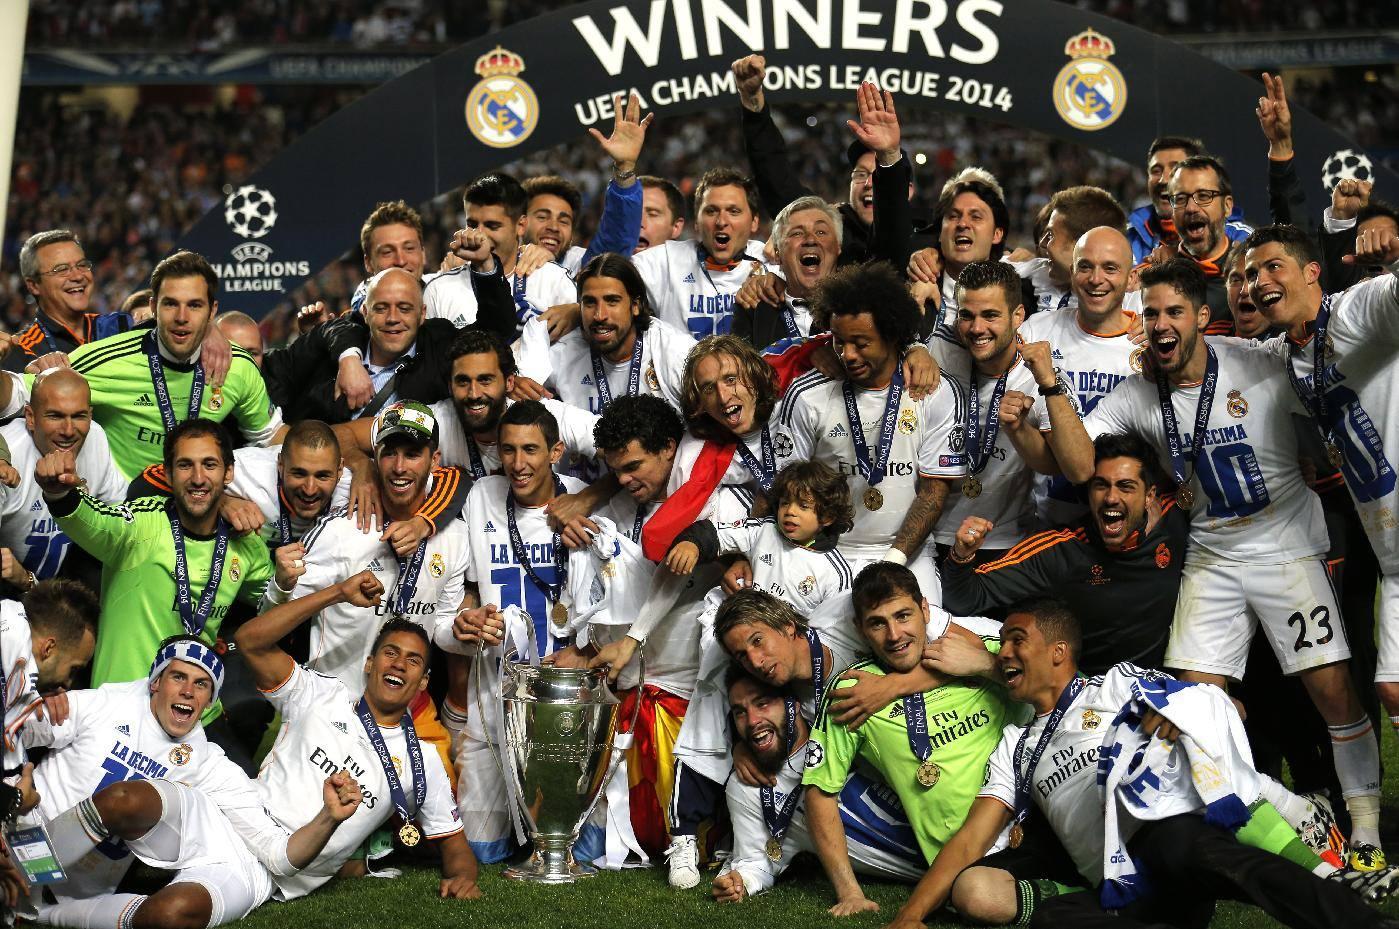 بالعاشرة حُلم ريال مدريد يتحقق